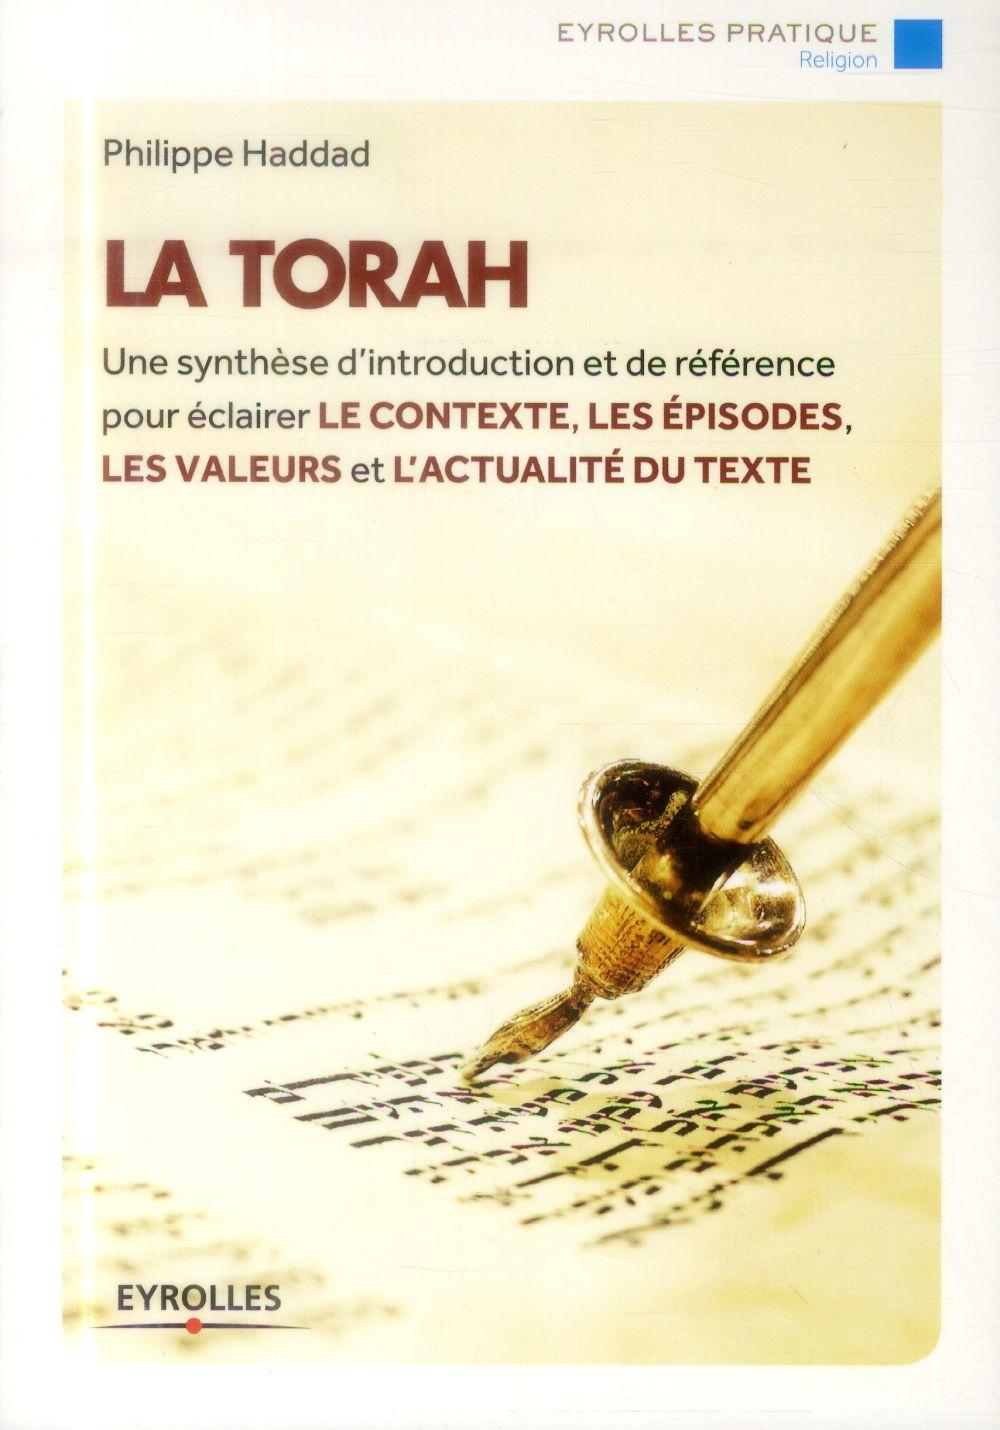 LA TORAH - UNE SYNTHESE D'INTRODUCTION ET DE REFERENCE POUR ECLAIRER LE CONTEXTE, LES EPISODES, LES